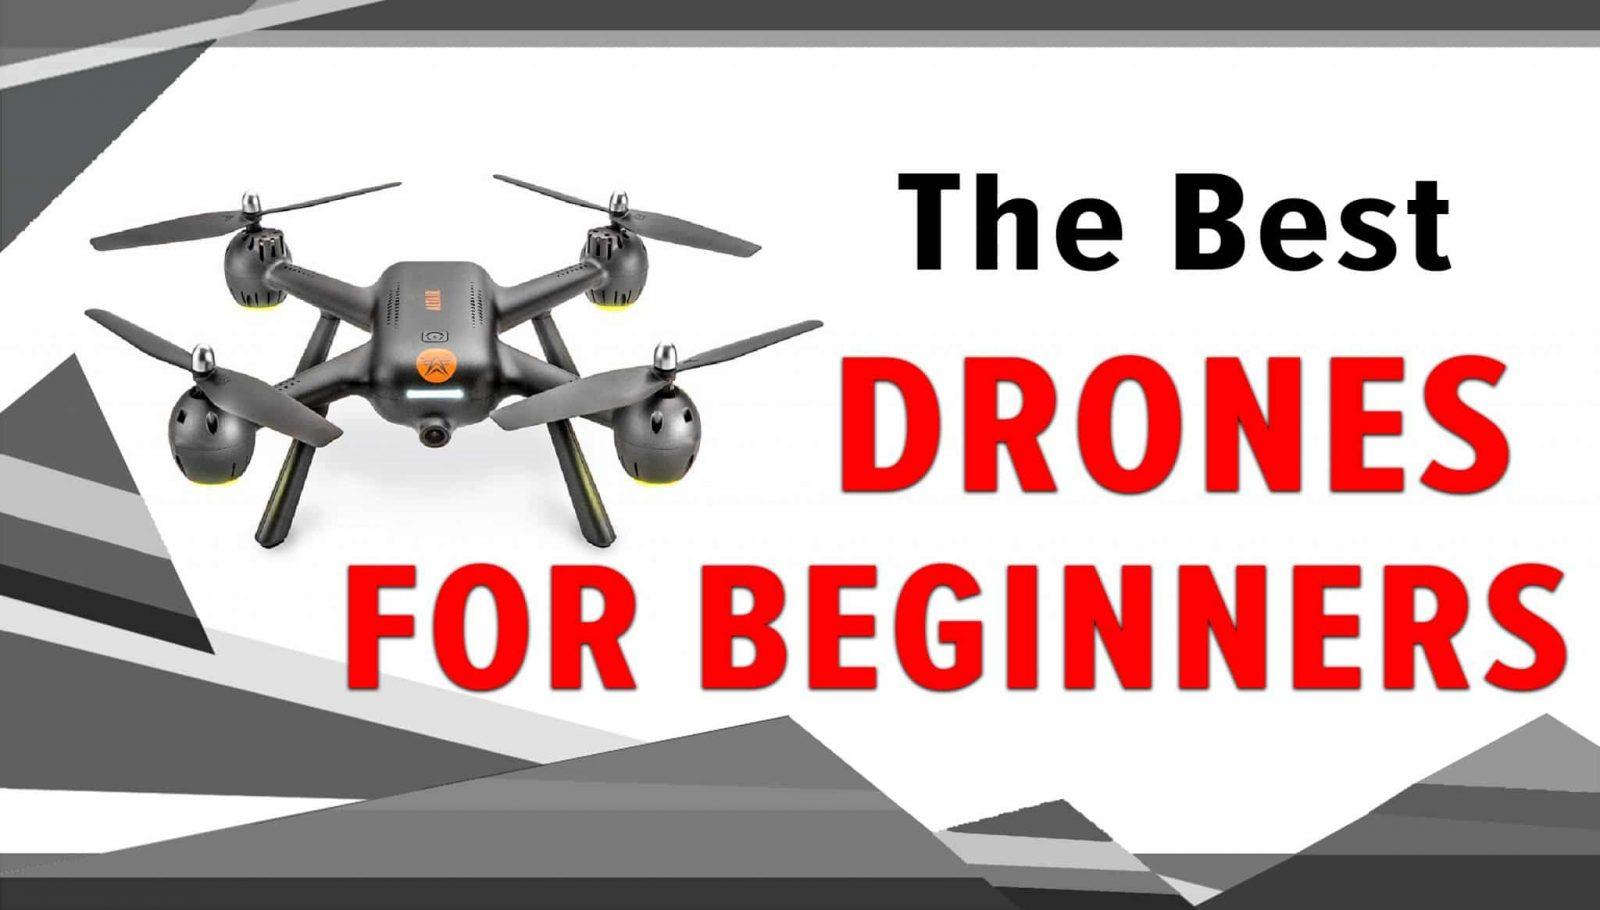 Best Beginner Drone: Starter (Entry Level) Drones for Beginners